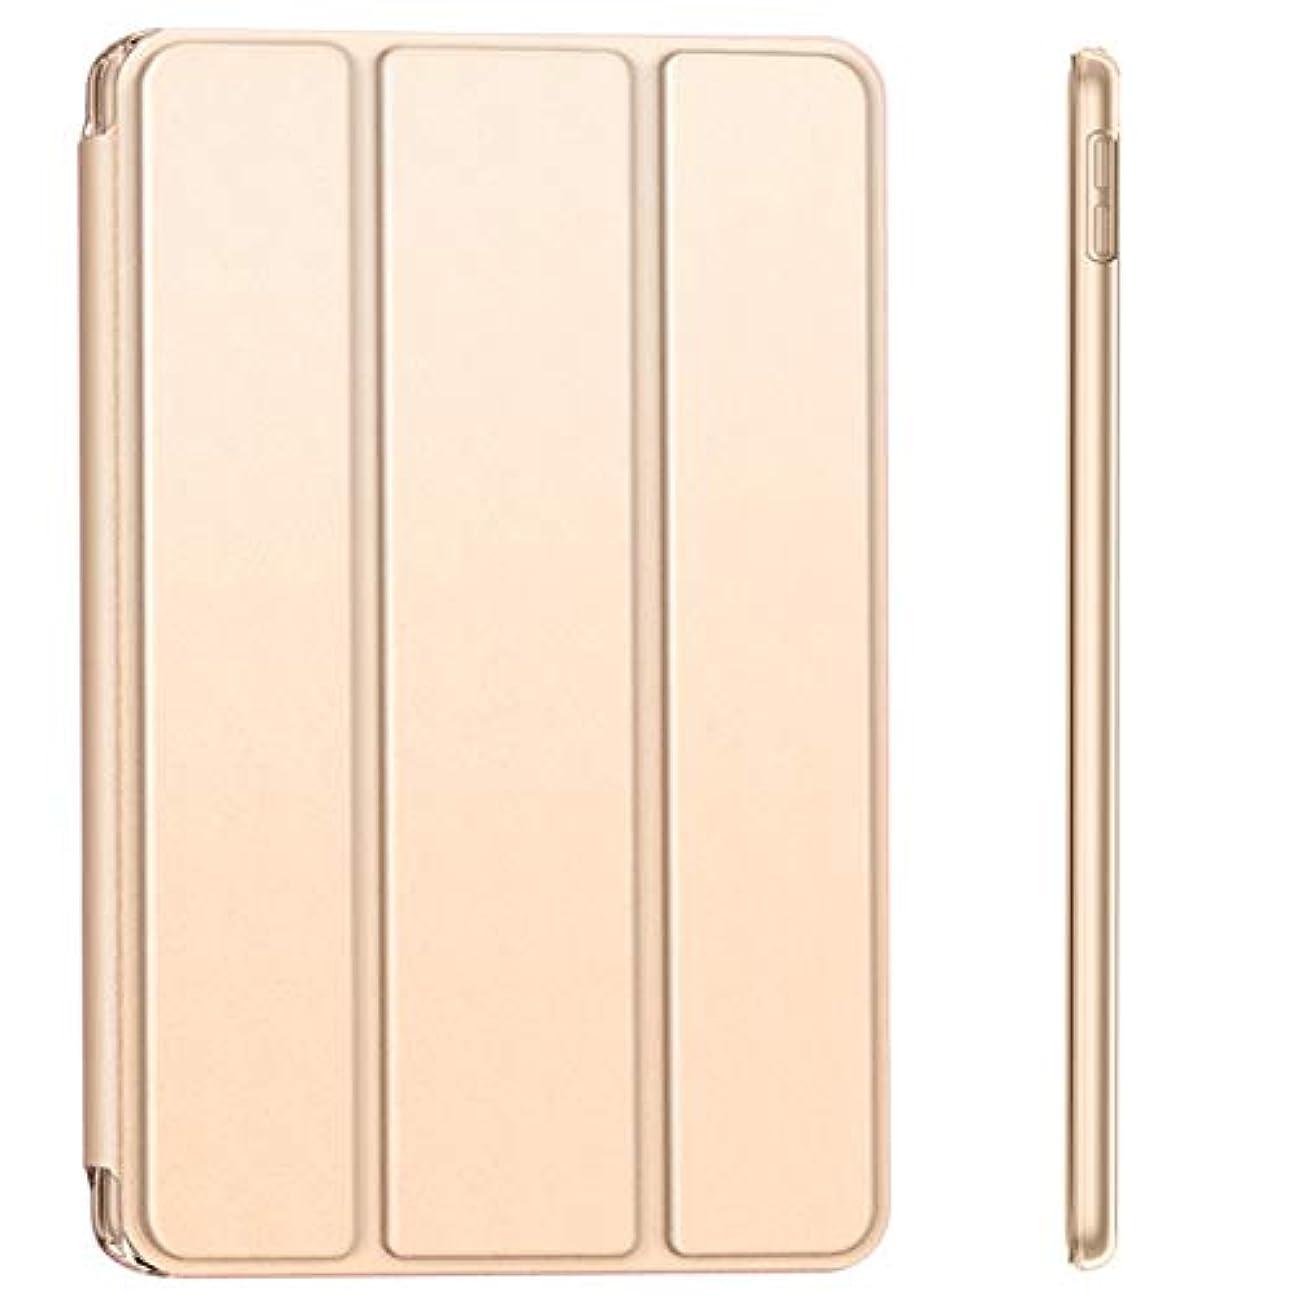 見捨てられた回転スプレーKENKE iPad Mini 5 2019 ケース 薄型 TPU レザー スマート カバー キズ防止 シリコーンソフトシェル 背面 ケース 三つ折り スタンド オートスリープ ウェイクアップ 機能 iPad Mini5(第五世代)(カバー.ゴールド)